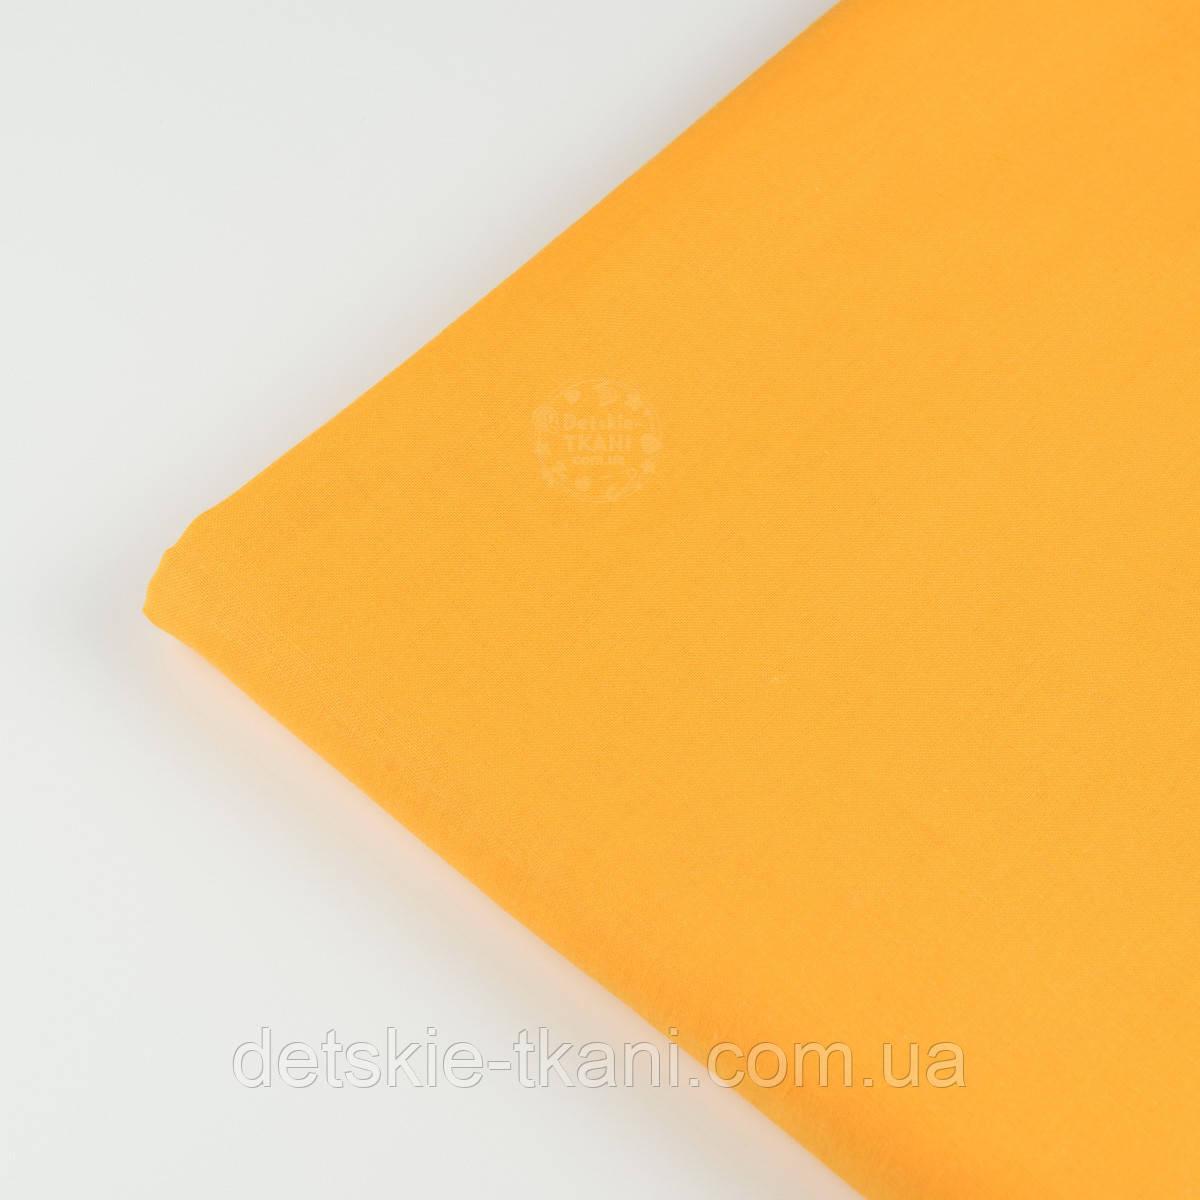 Лоскут ткани №206а однотонная жёлто-оранжевая, размер 25*160 см